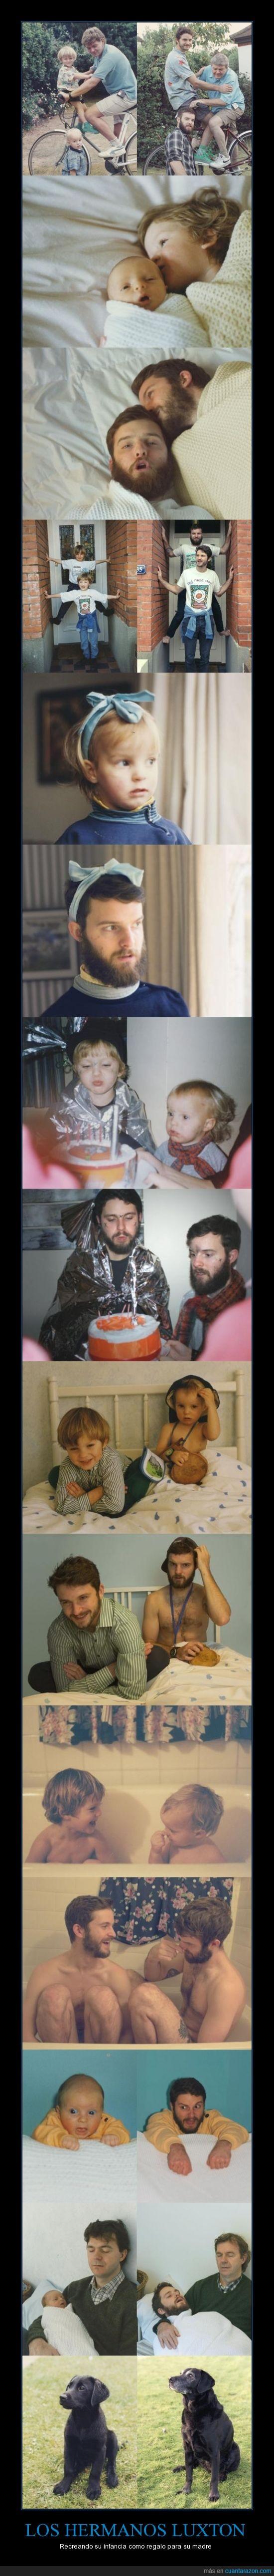 antes y despues,bonito,fotos,hermanos,infancia,luxton